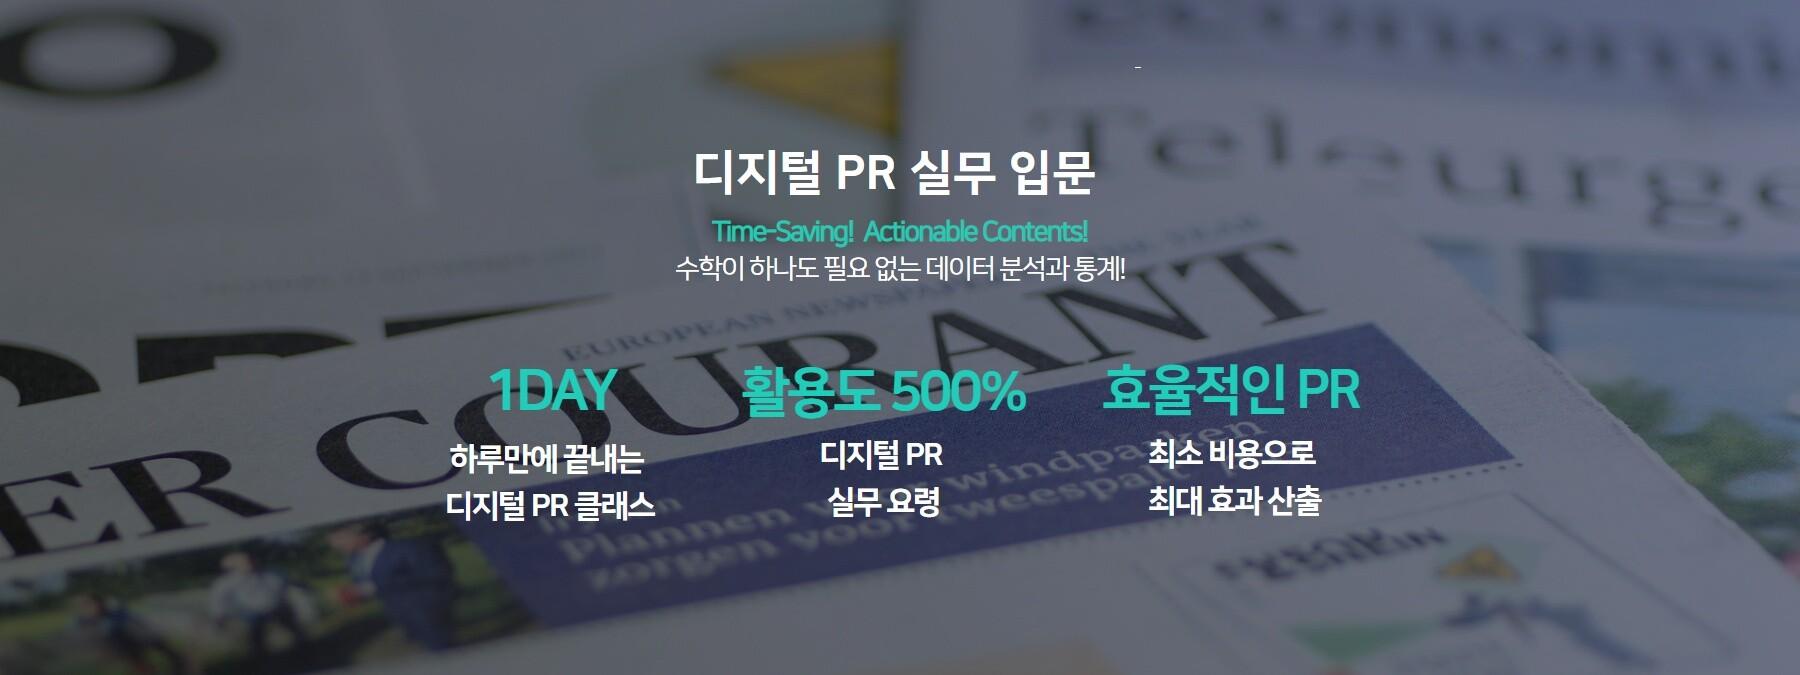 2020.06.18(목) 디지털 PR 실무 입문